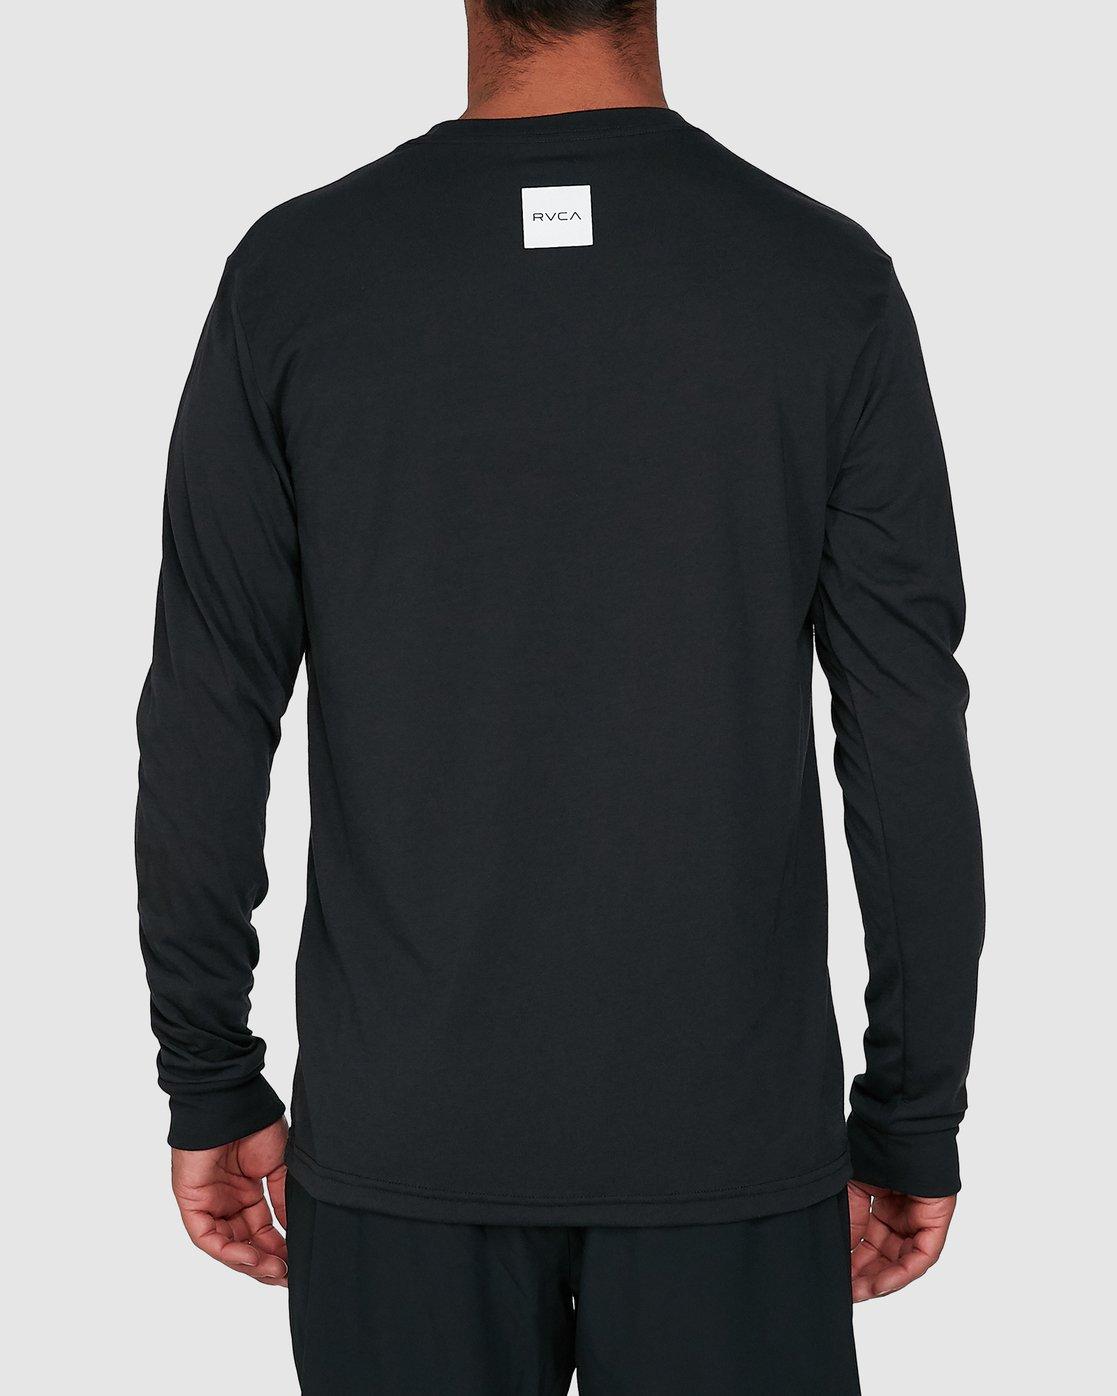 3 All Out Rvca Long Sleeve Tee Black R307046 RVCA